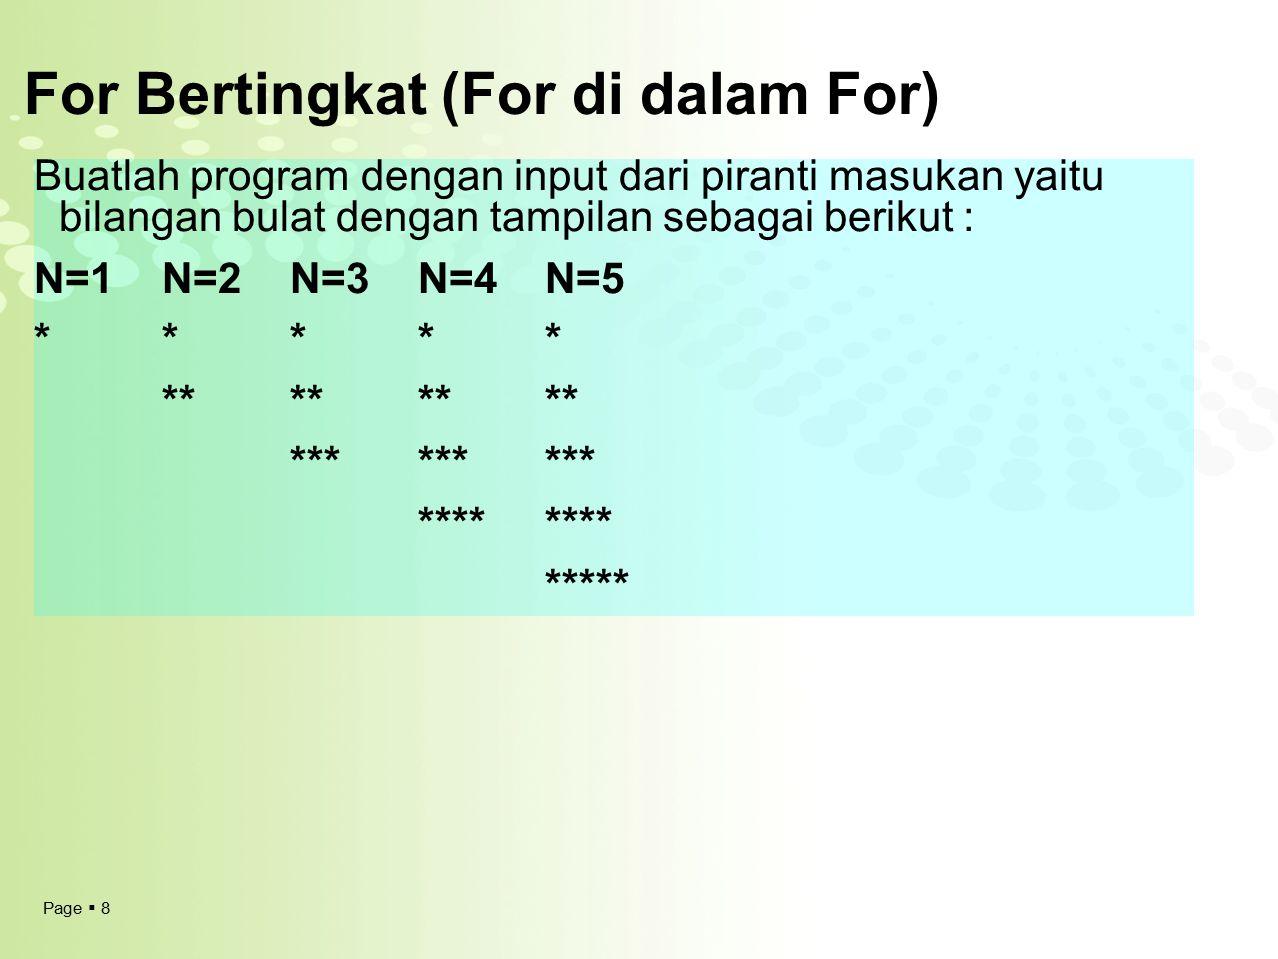 Page  9 For Bertingkat (For di dalam For) Algoritma Tampil_Segitiga {Menampilakan Segitiga siku siku dengan input dari piranti masukan yaitu bilangan bulat} DEKLARASI N : integer a : integer b : integer DESKRIPSI Read(N) Jumlah  0 For a  1 to N do For b  1 to a do write('*') Endfor write (\n) Endfor